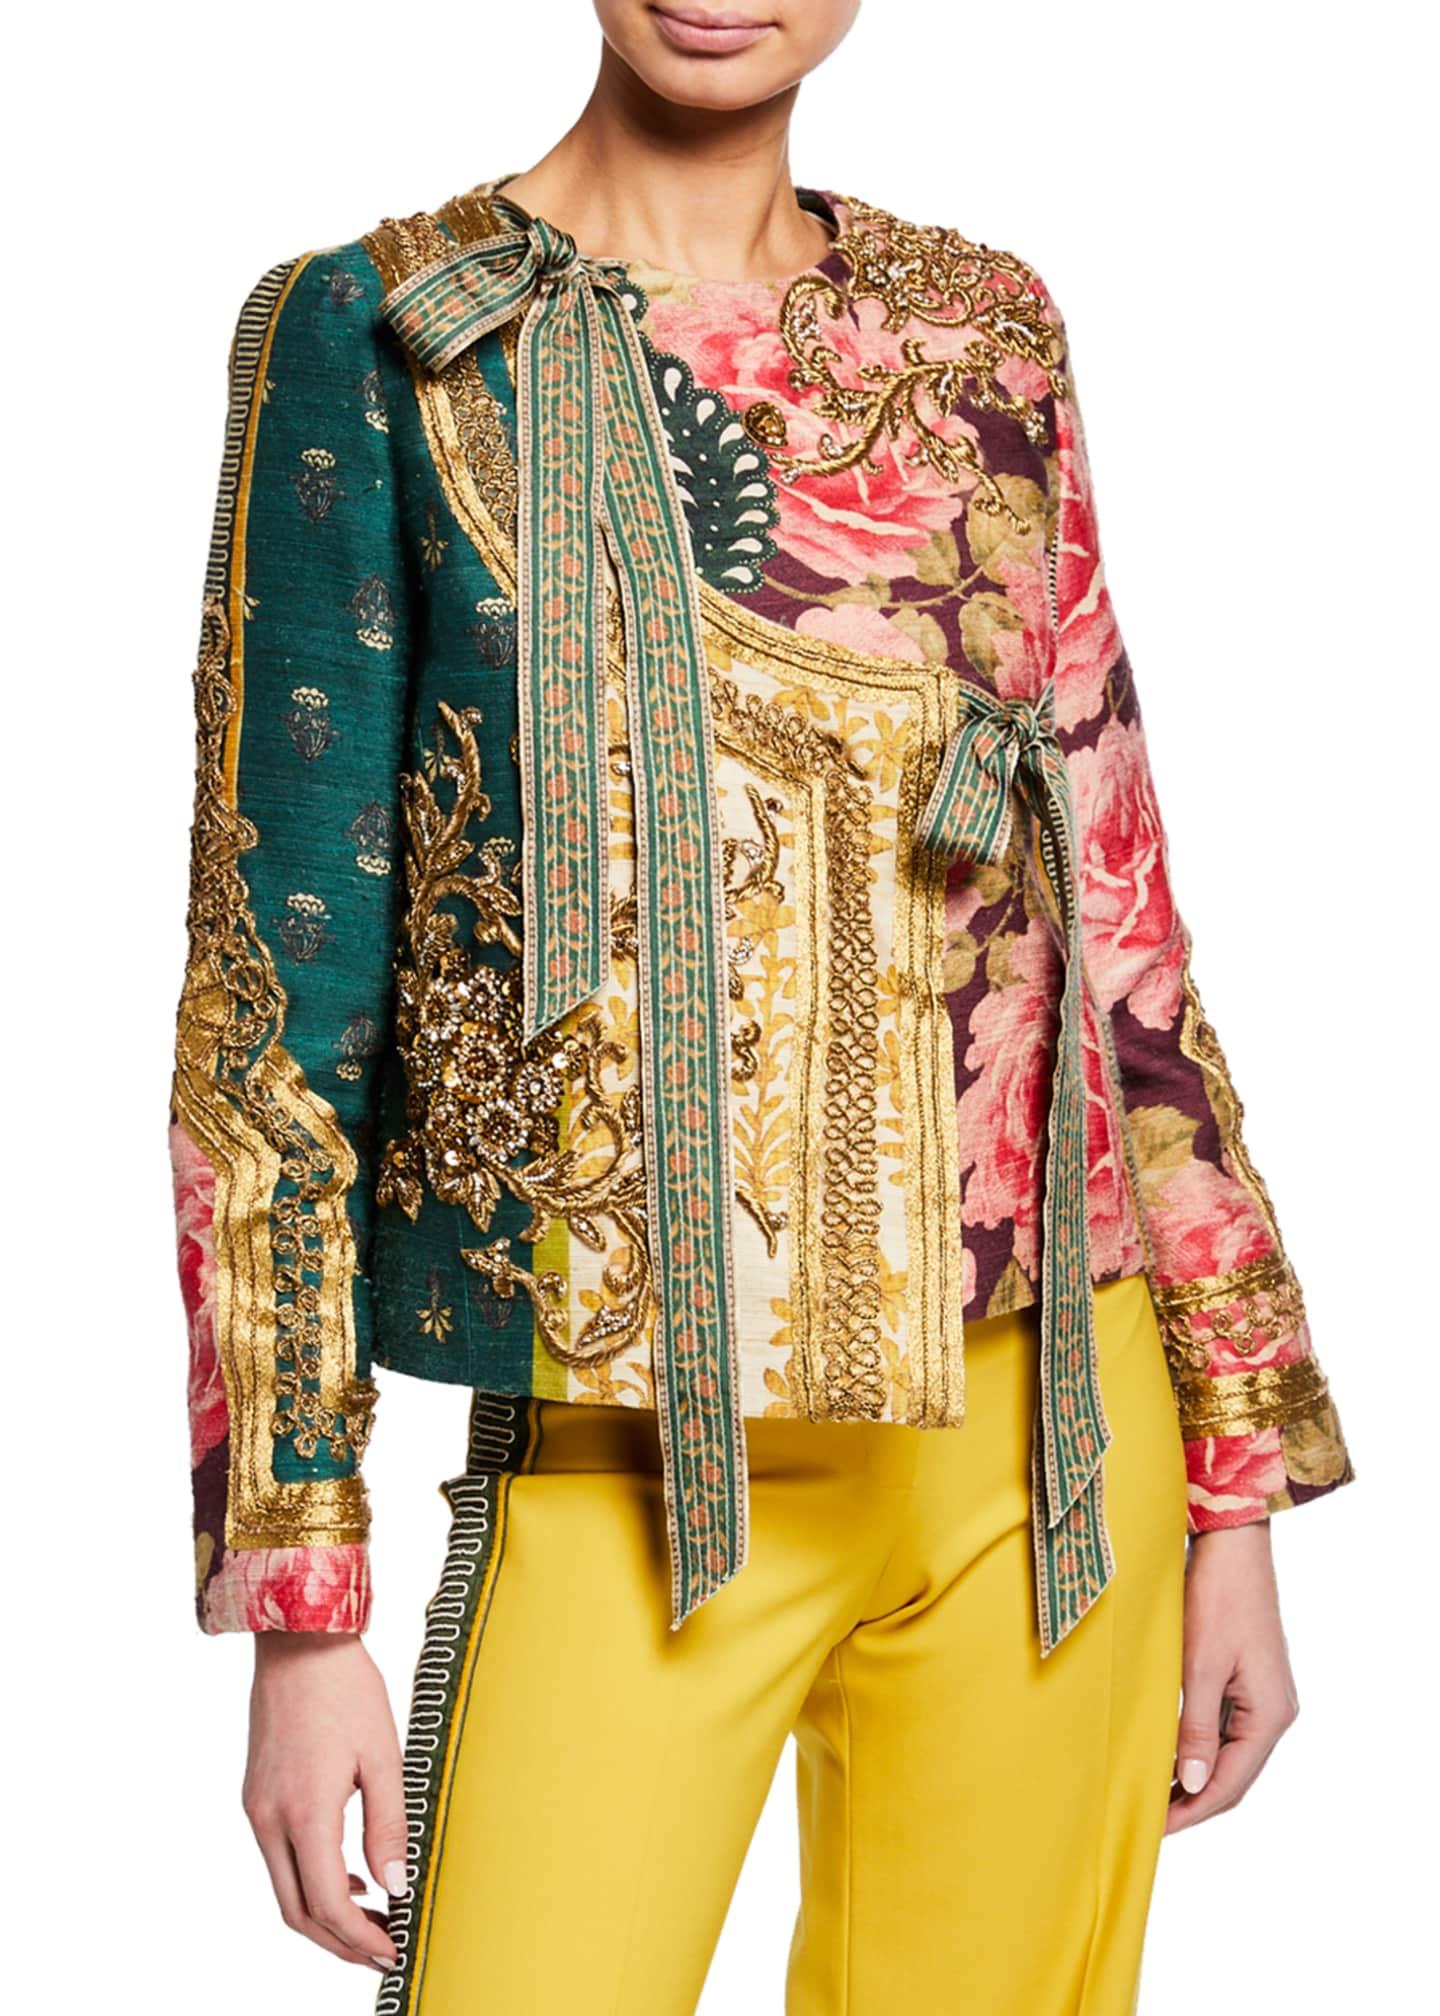 Oscar de la Renta Golden-Embroidered Patchwork Tussah Jacket